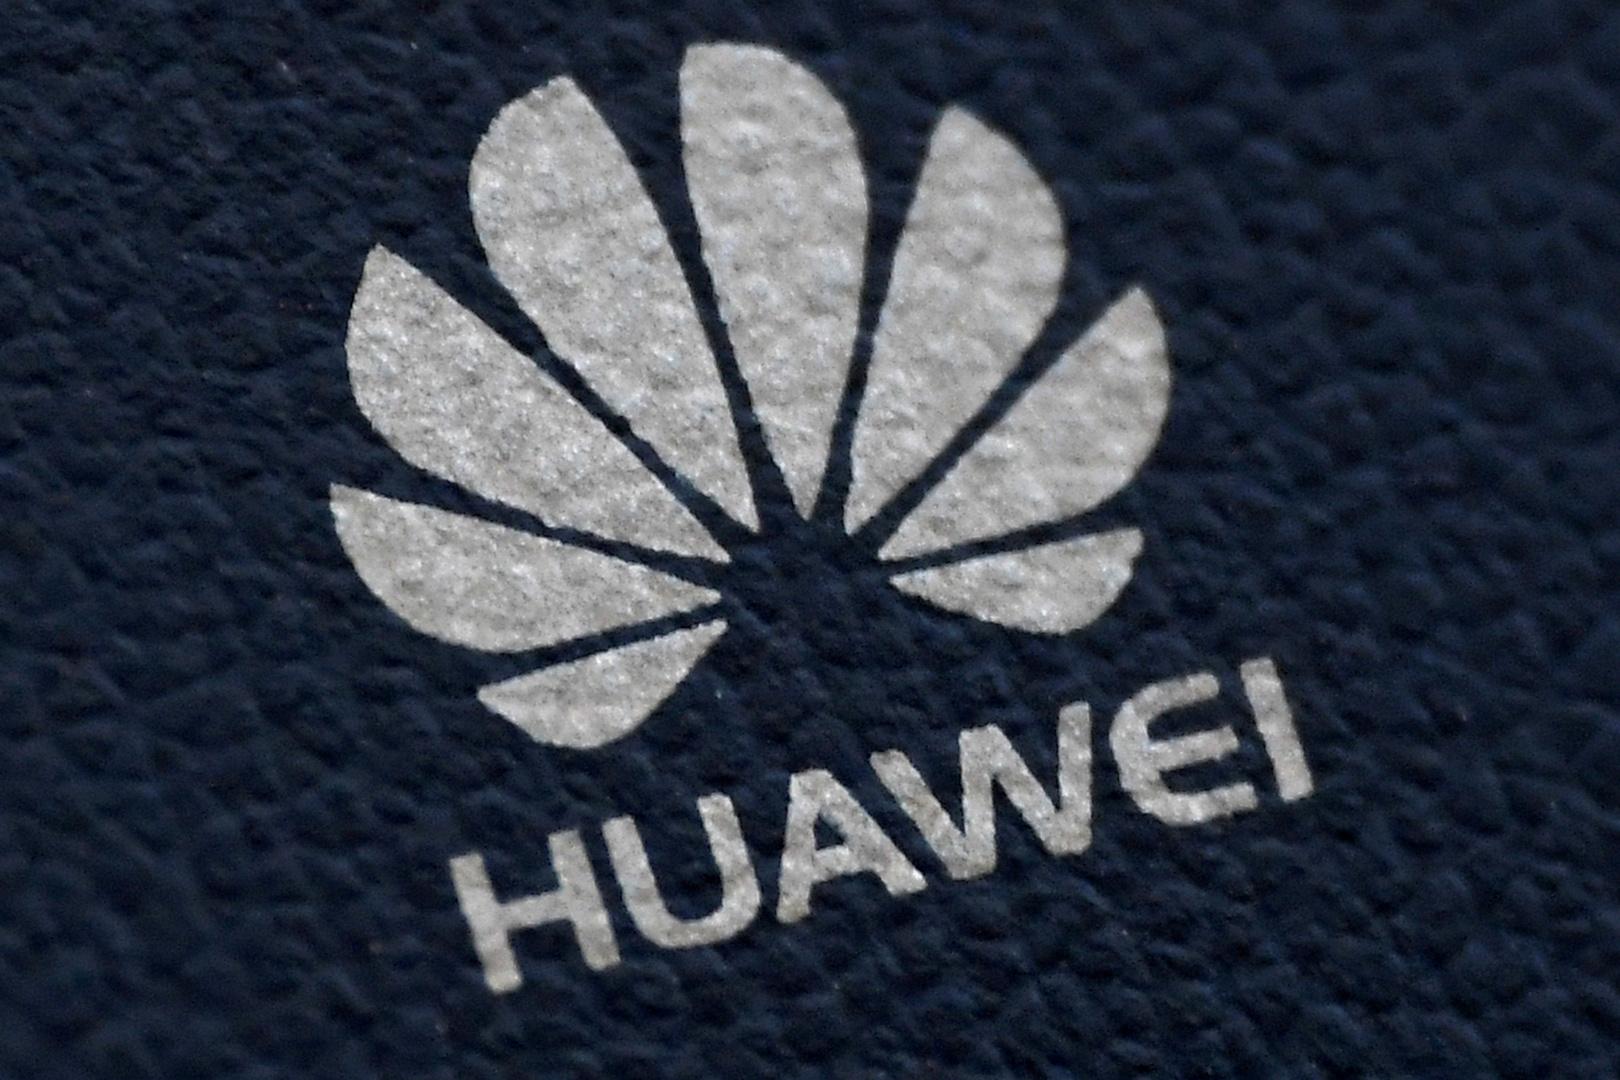 خطوة جديدة من حرب تكنولوجية عالمية بين أمريكا والصين